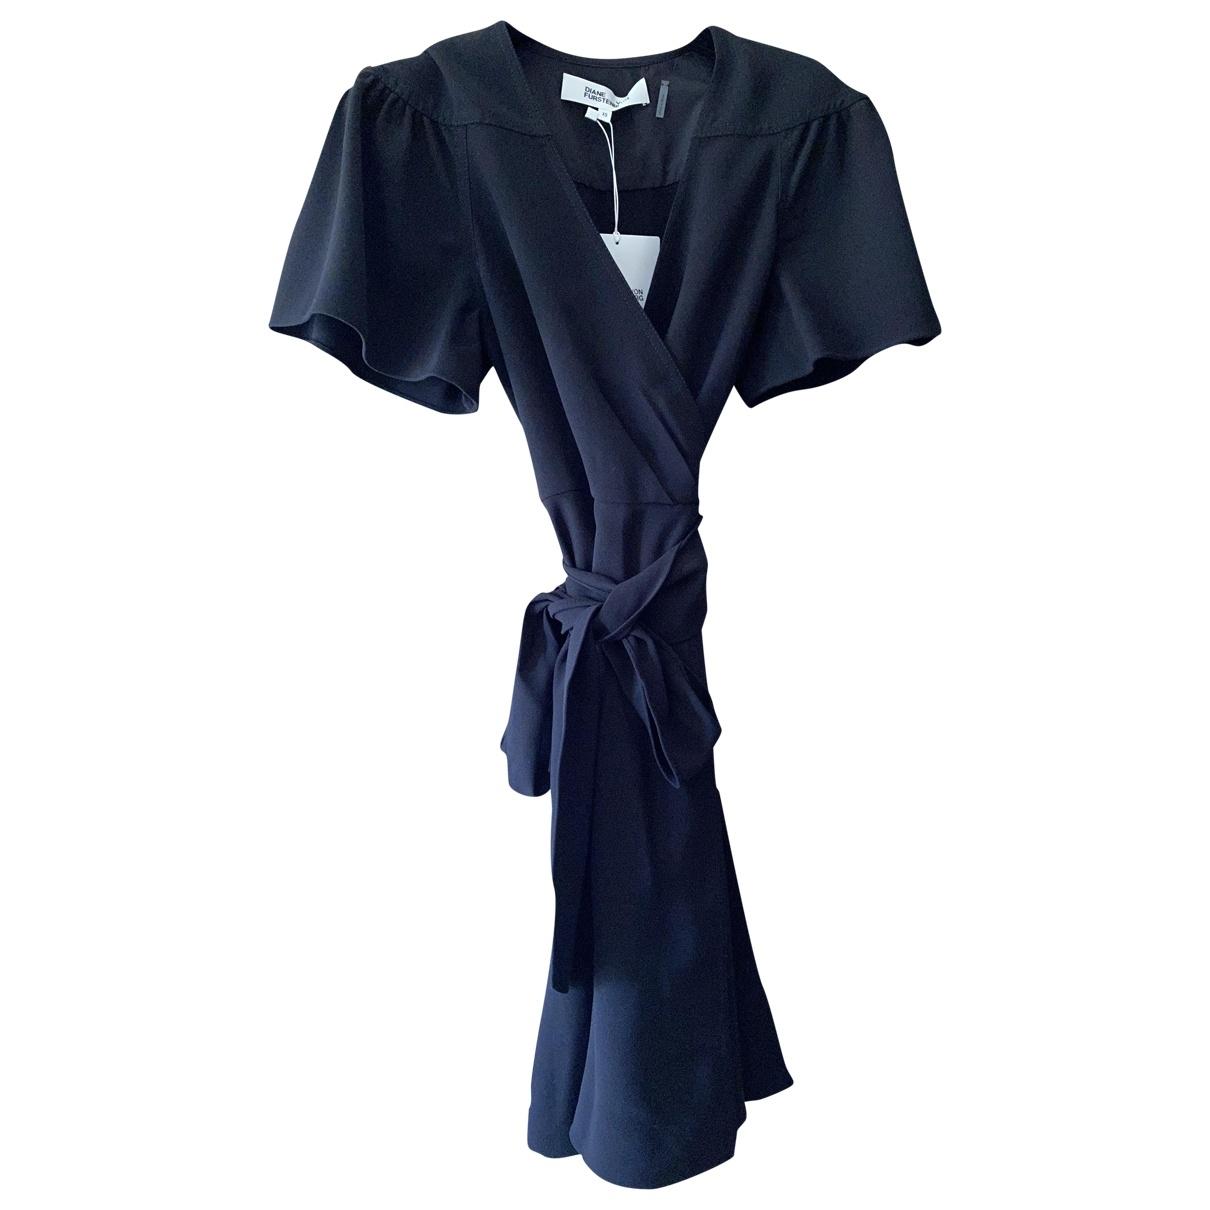 Diane Von Furstenberg \N Black dress for Women XS International